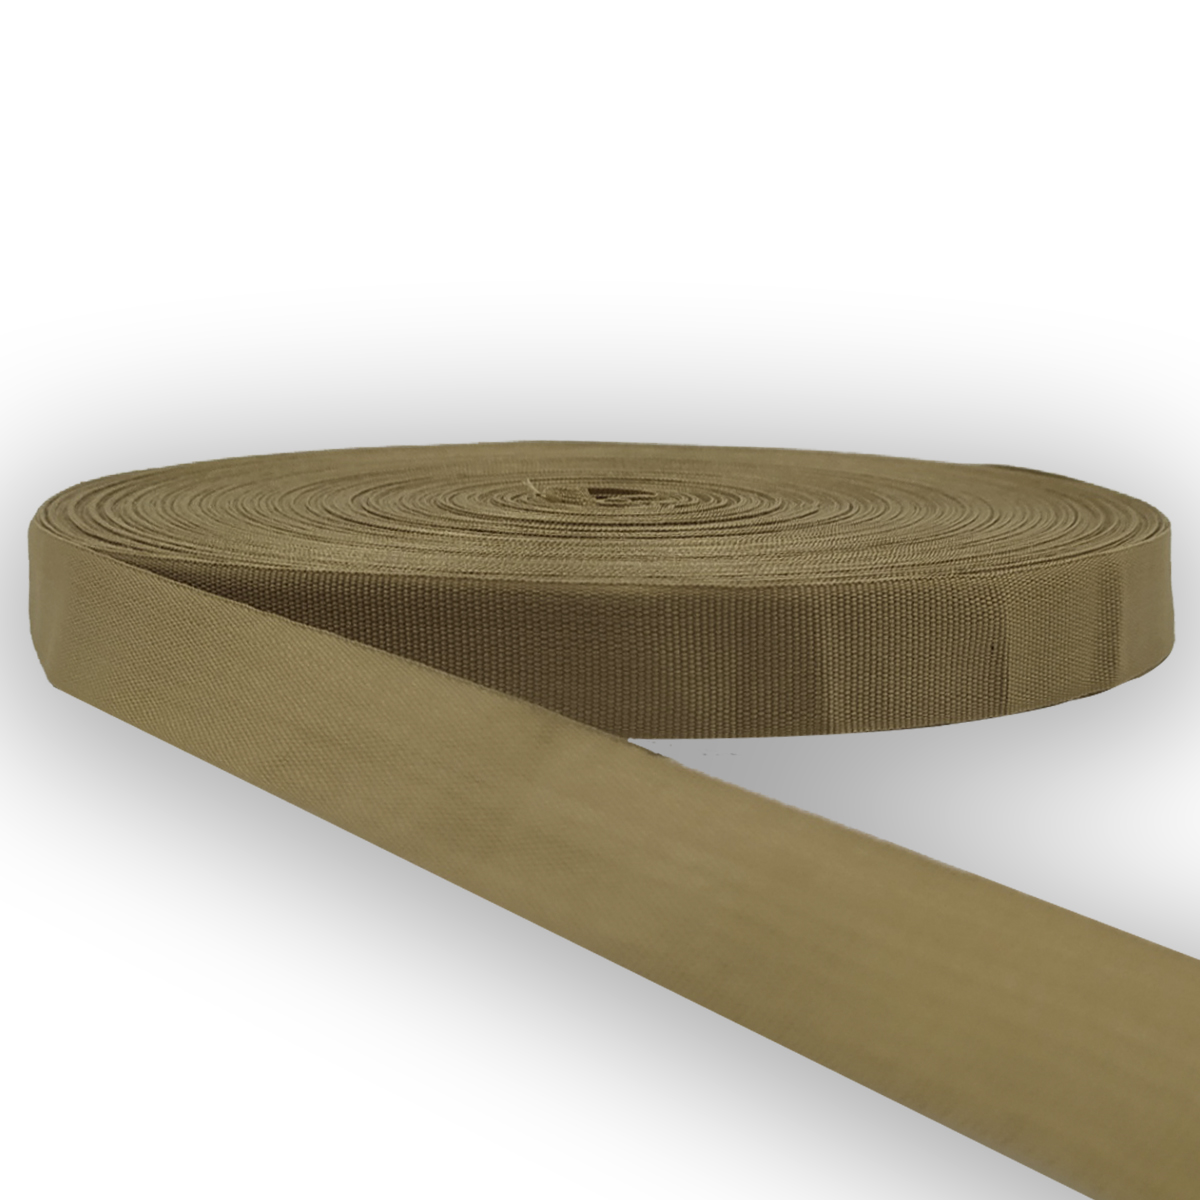 Rolo de Gorgurão (Tela) 20mm c/ 50 metros